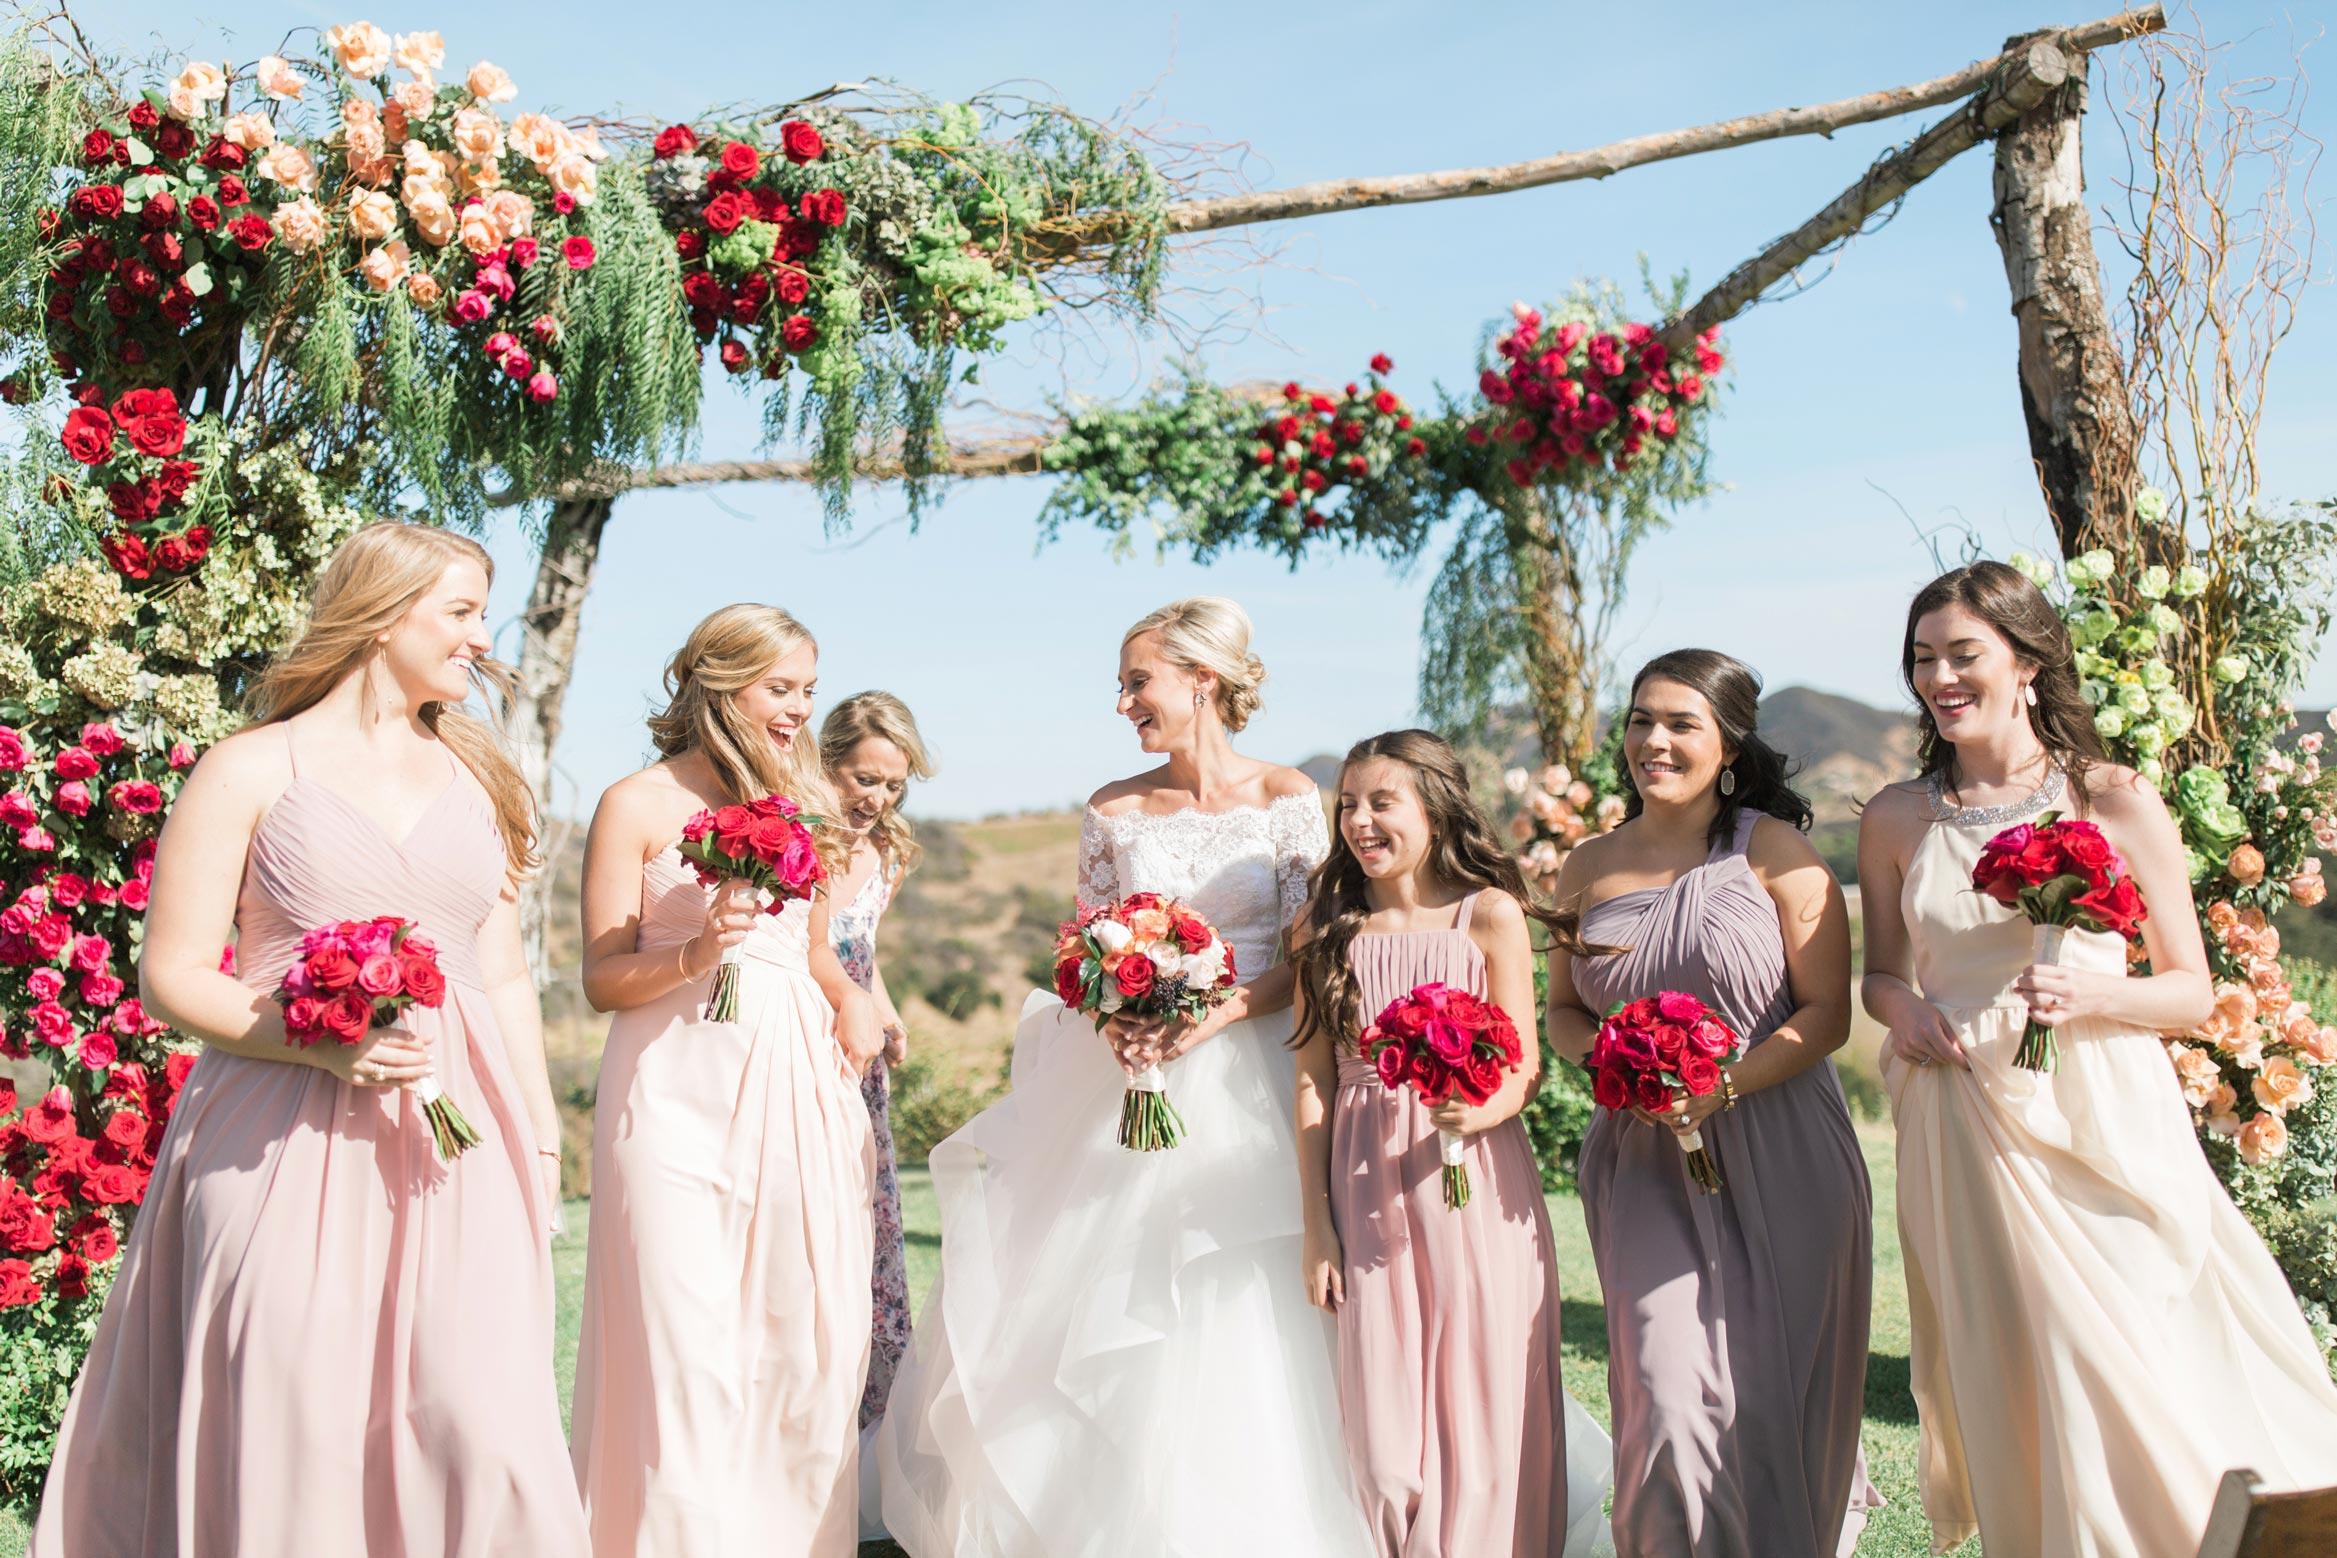 saddlerock-ranch-wedding-photographer-leah-vis-5.jpg